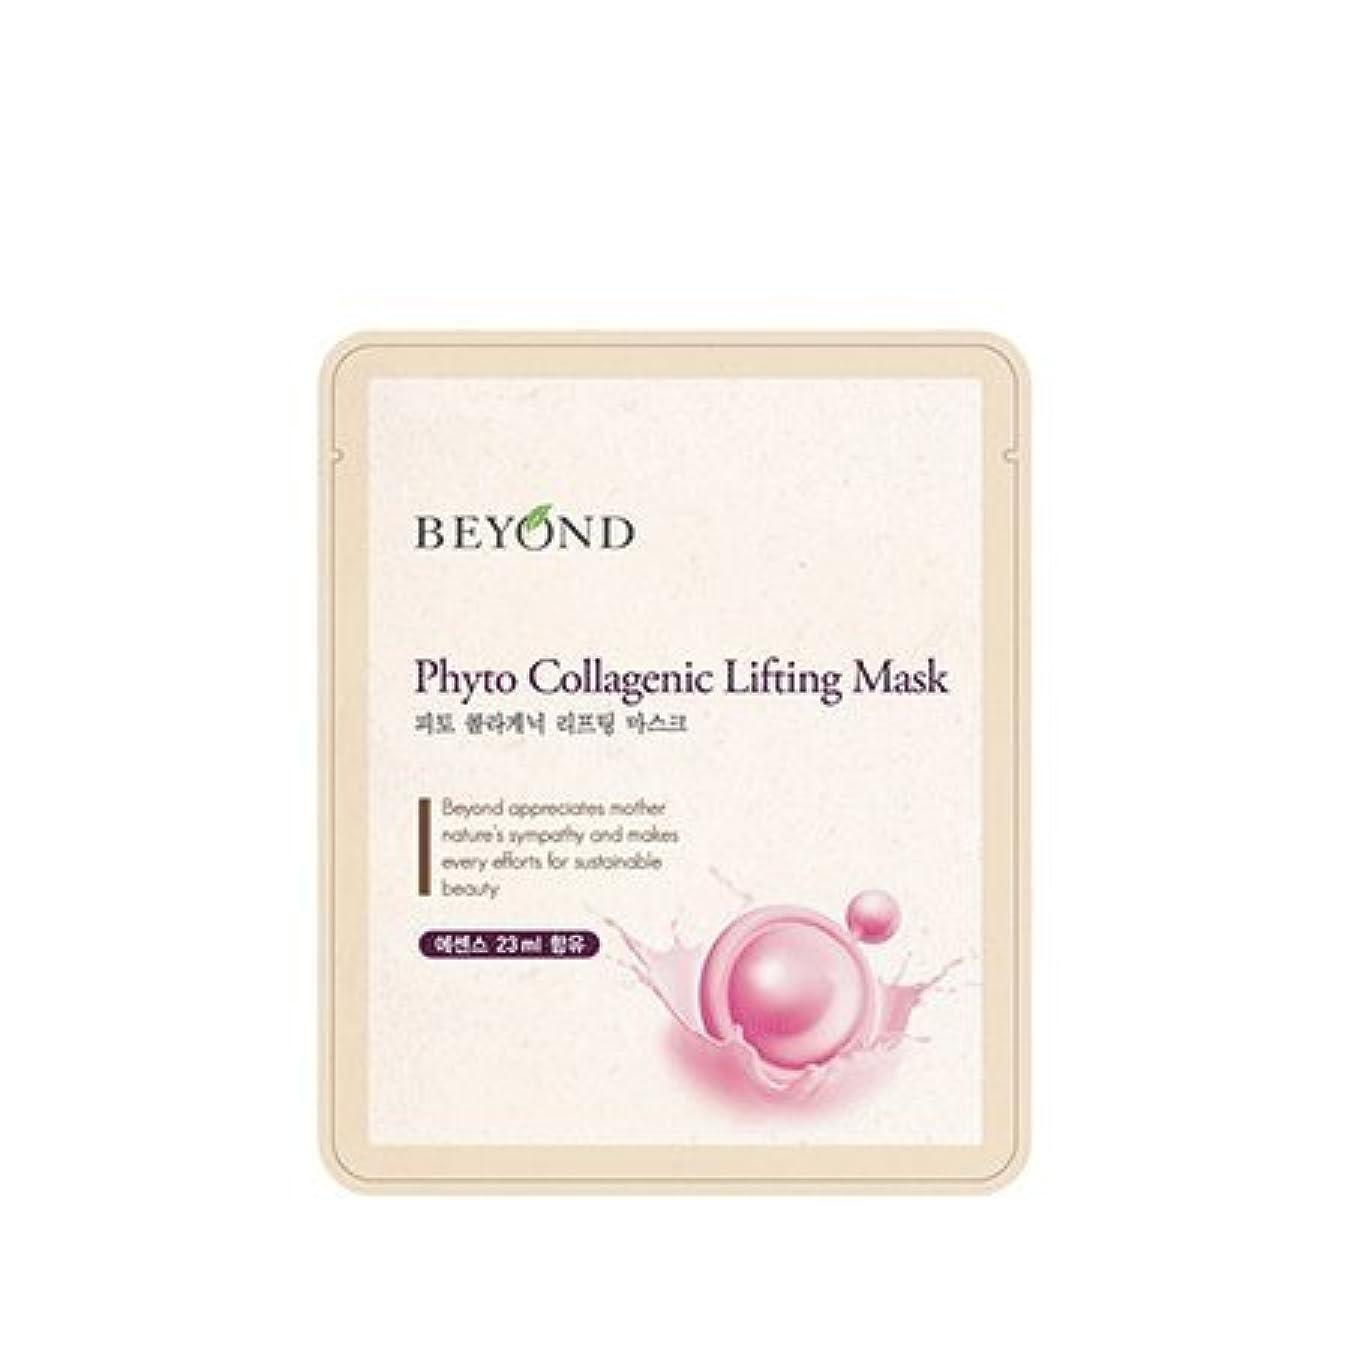 ハードウェア教育バラバラにするBeyond mask sheet 5ea (Phyto Collagenic Lifting Mask)